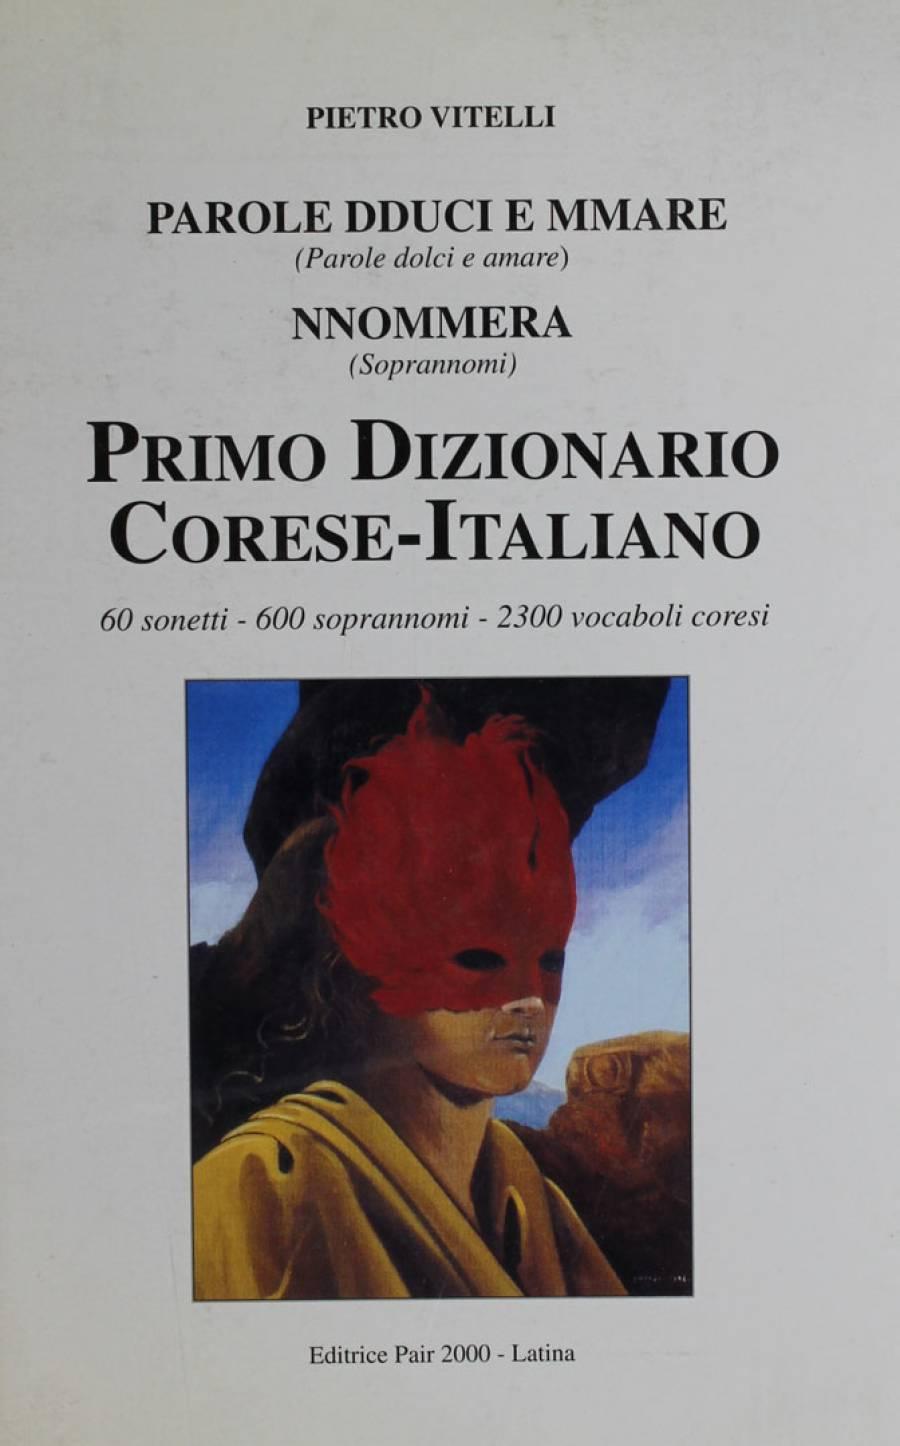 ALBUM ITALIANO UN PAESE IN FERMENTO